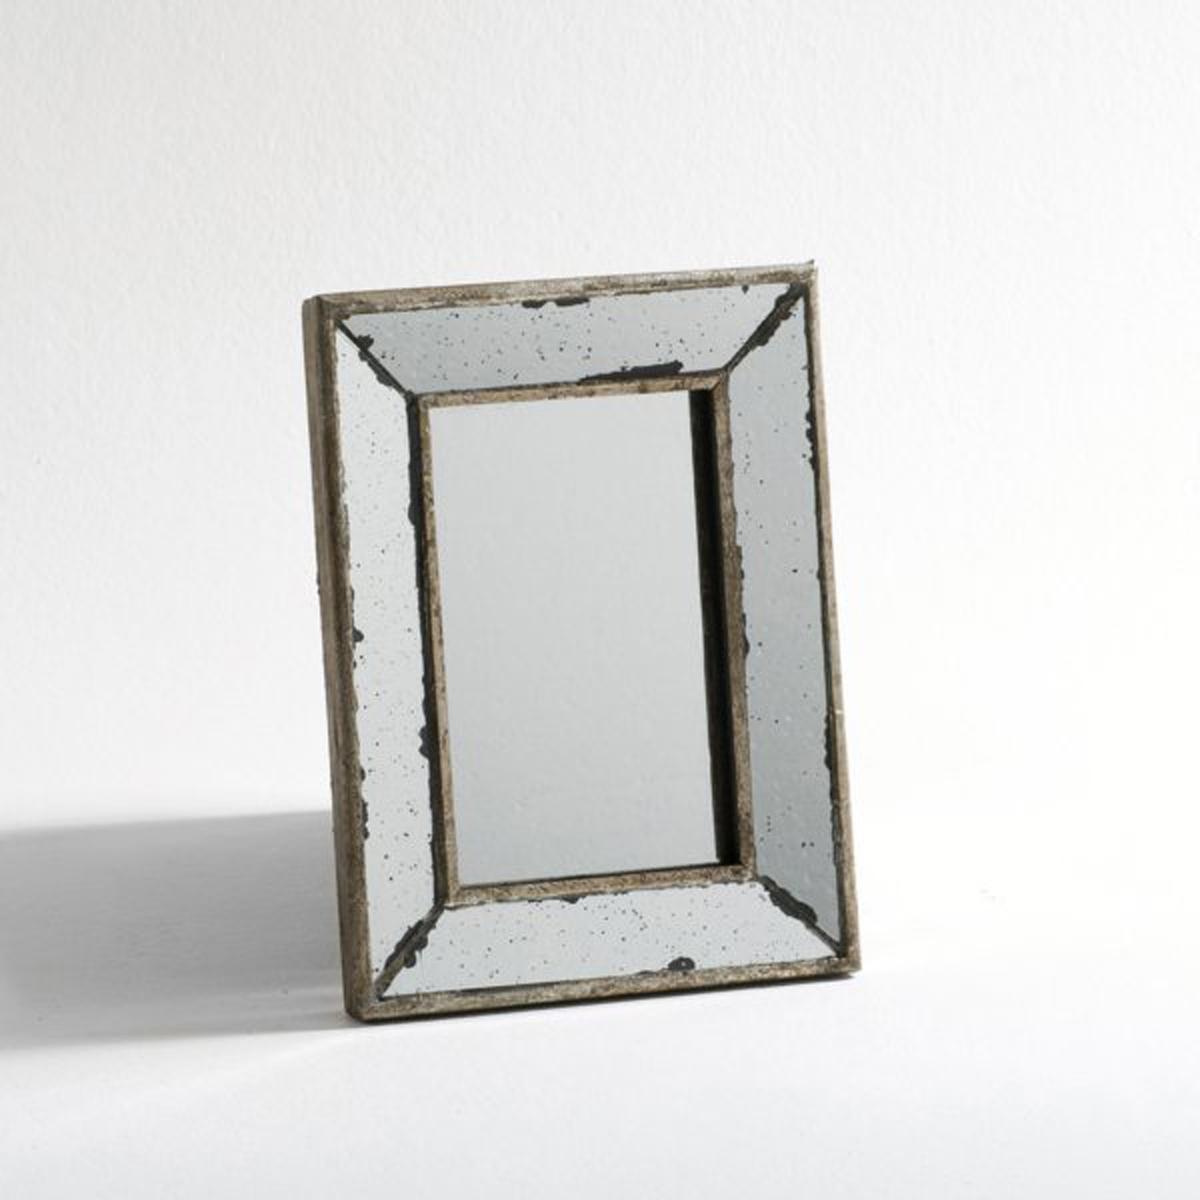 Зеркало в ретро-стиле, маленькая модель Д23,5 x В31,5 см, EdwinРазмеры  :Д.23,5 x В.31,5 x Г.2 см..<br><br>Цвет: серый серебристый